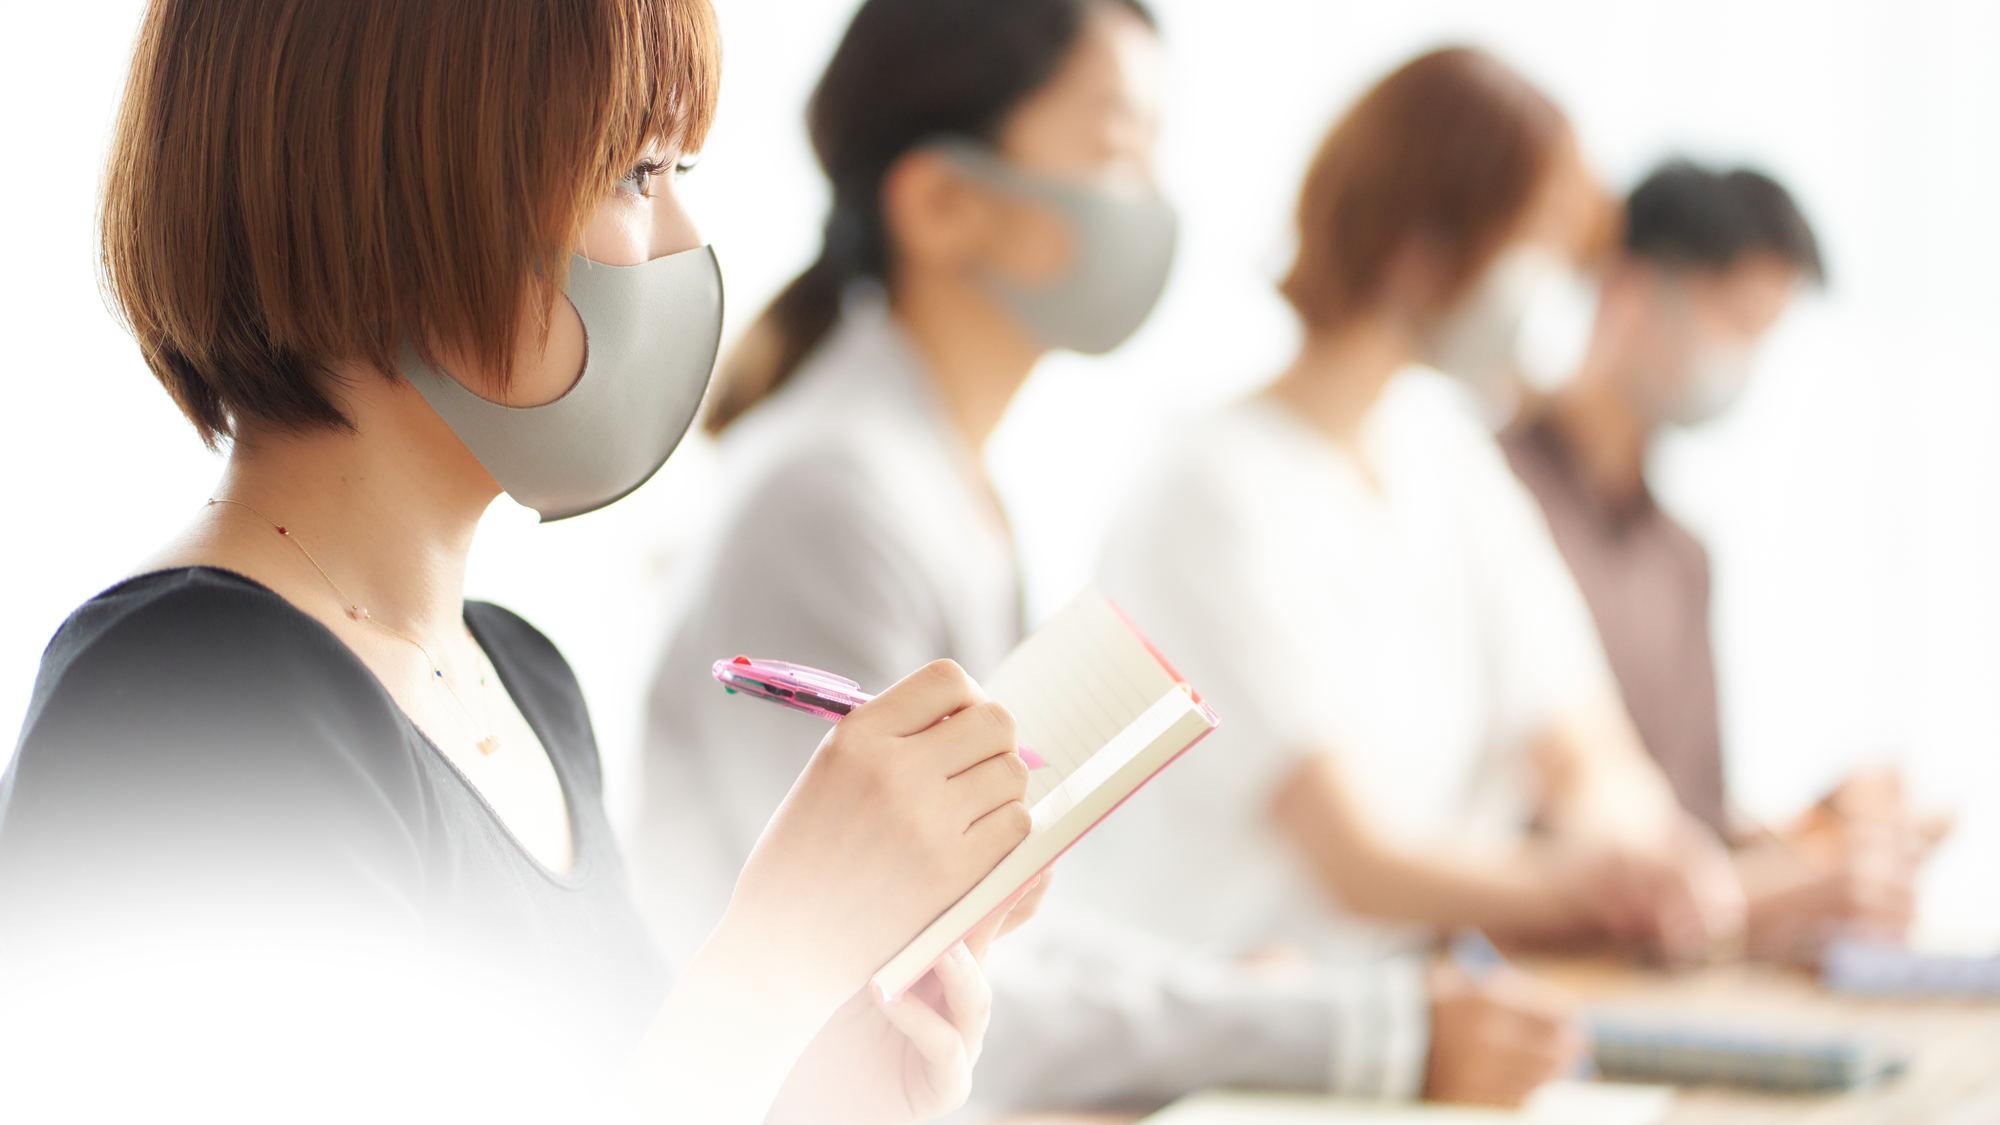 メモをとるマスク着用の受講生